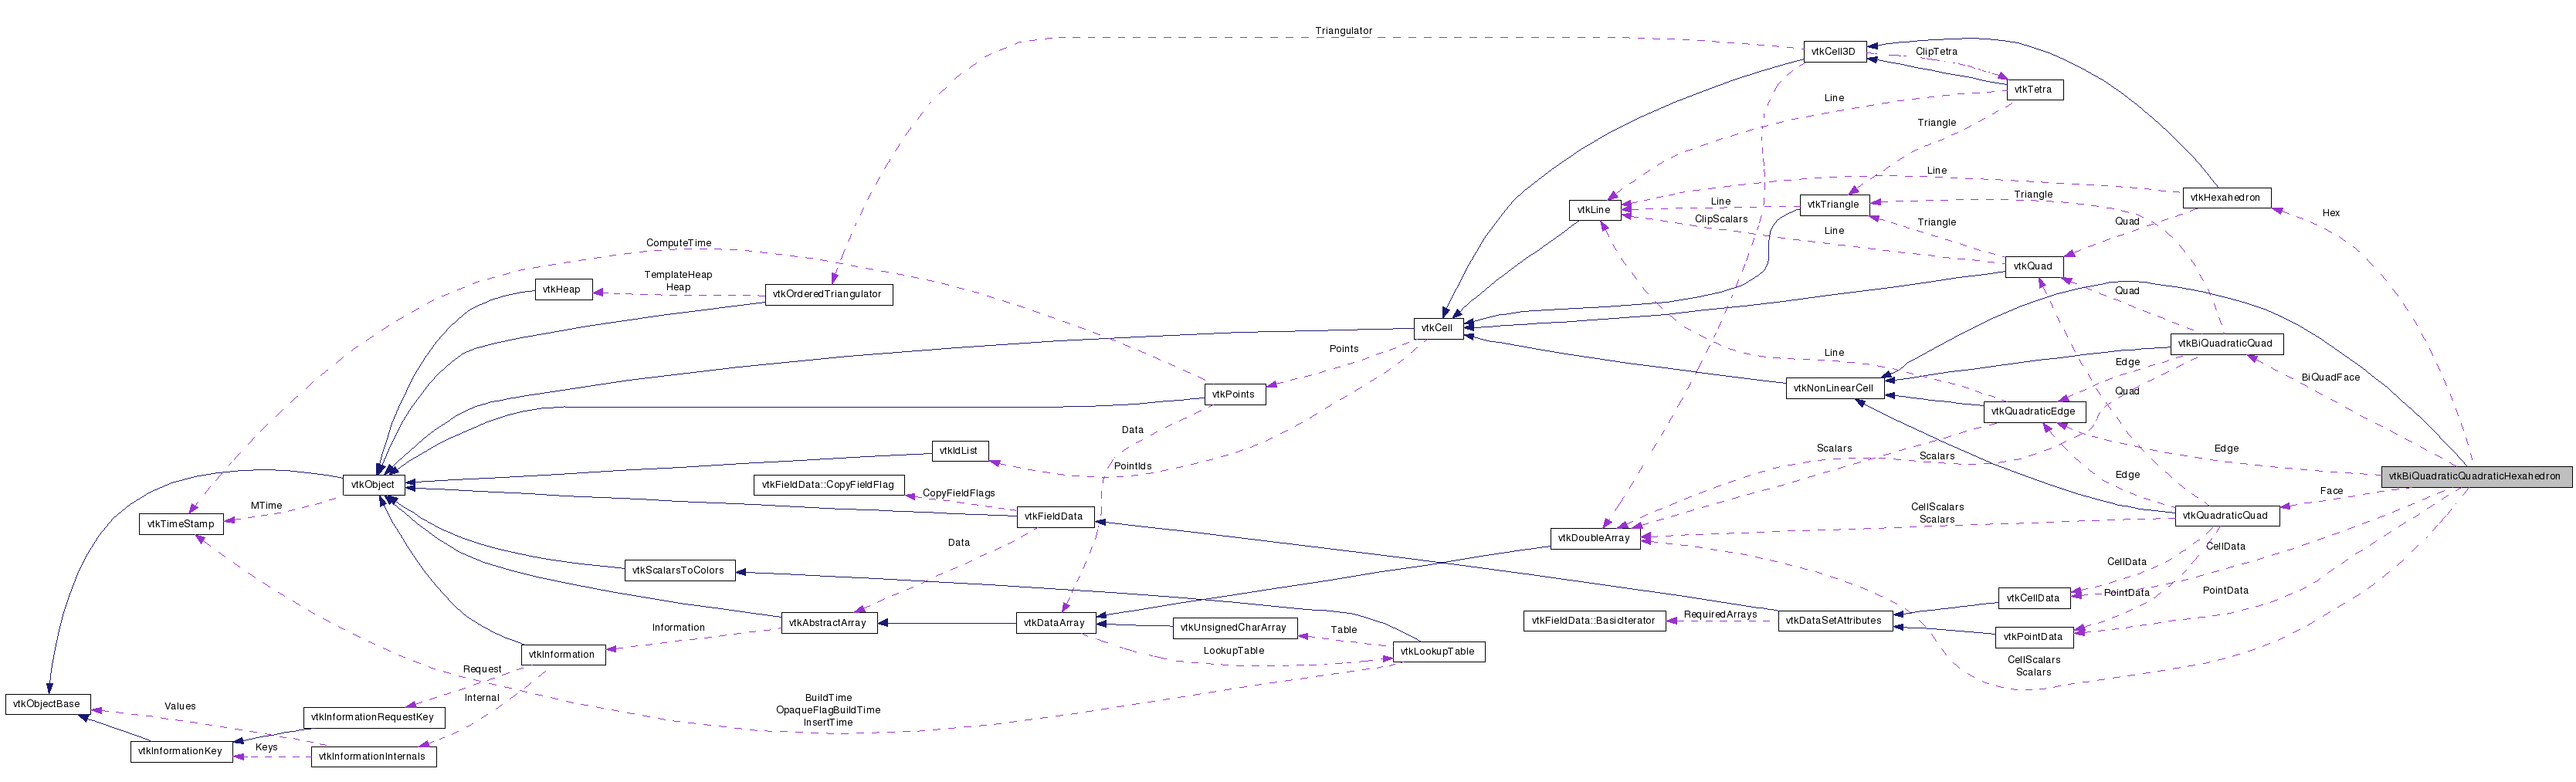 VTK: vtkBiQuadraticQuadraticHexahedron Class Reference